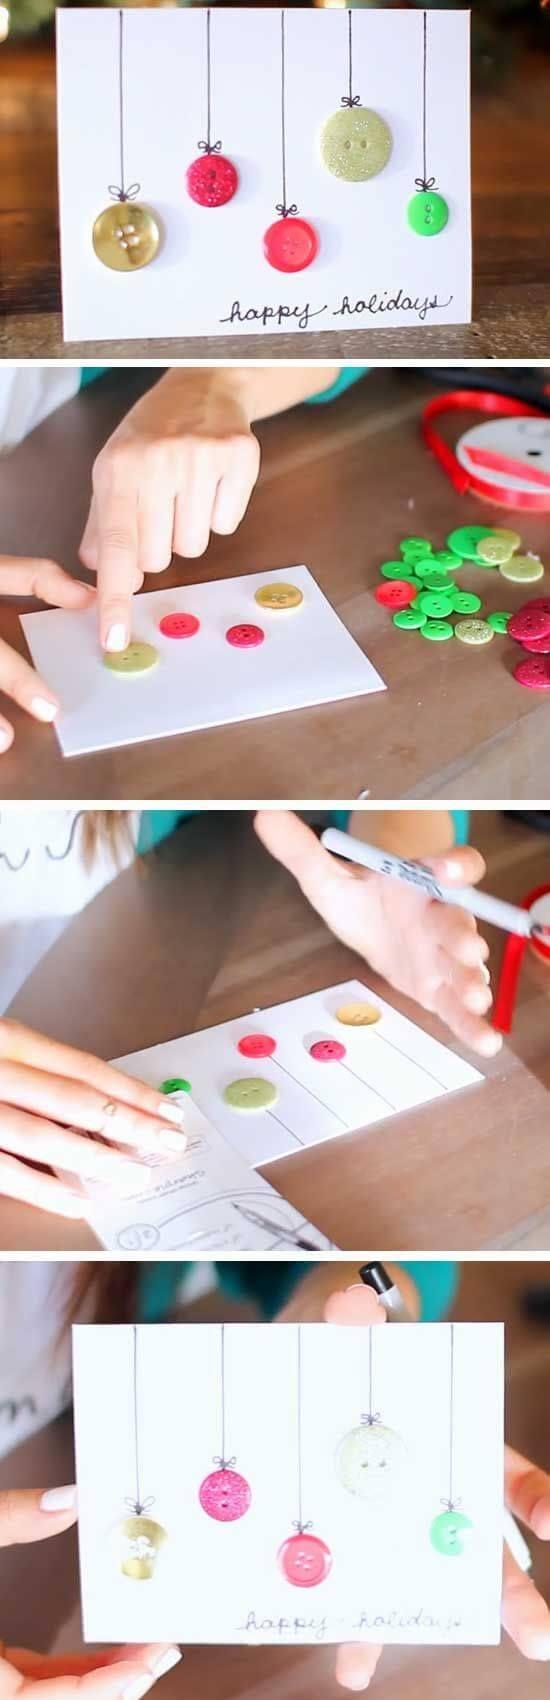 Entzückend Geschenke Basteln Mit Kindern Bastelideen Sammlung Von Diy Für Weihnachtsbasteln Kindern, Selber Machen, Grußkarte